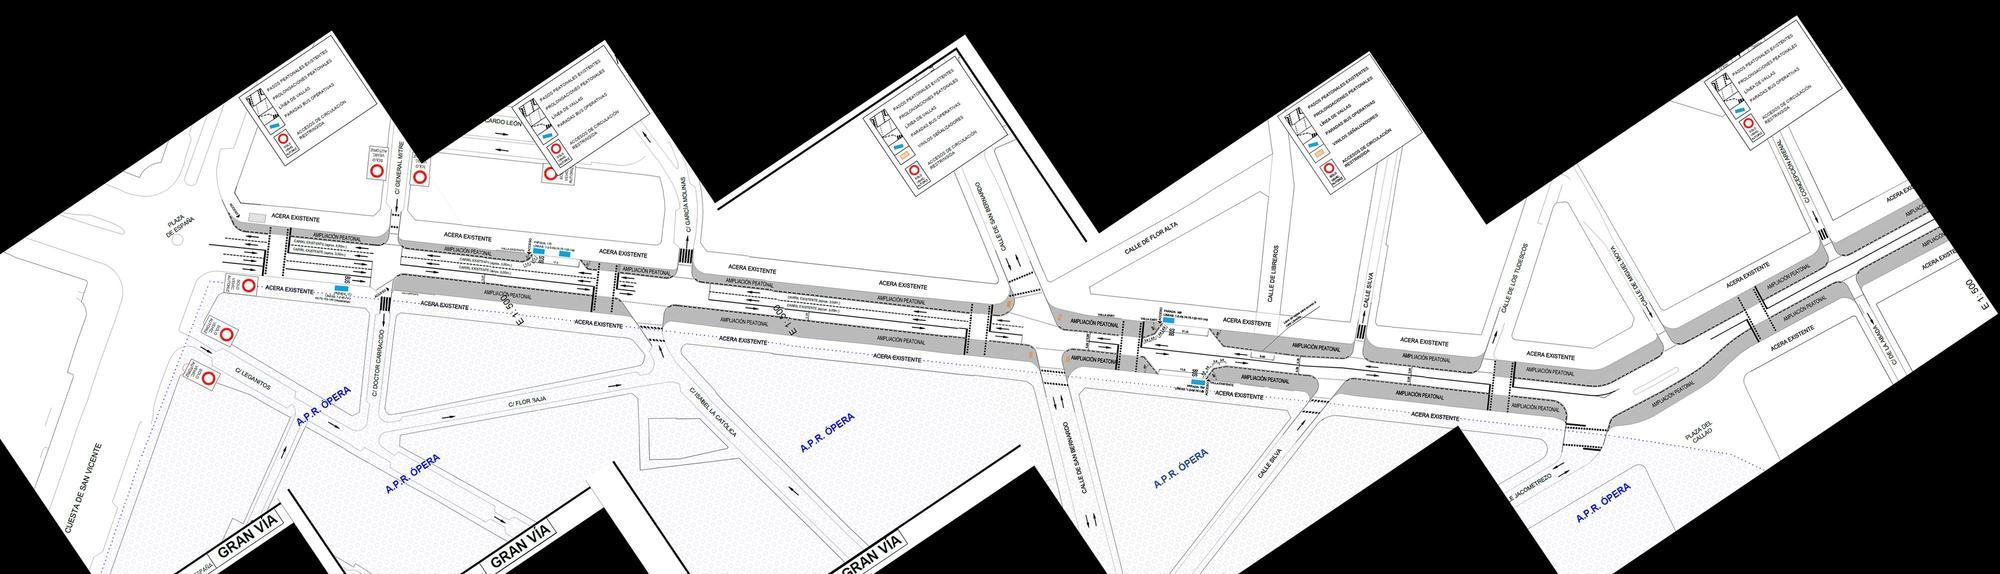 Plano de la ampliación de aceras prevista en la Gran Vía para navidad | AYUNTAMIENTO DE MADRID